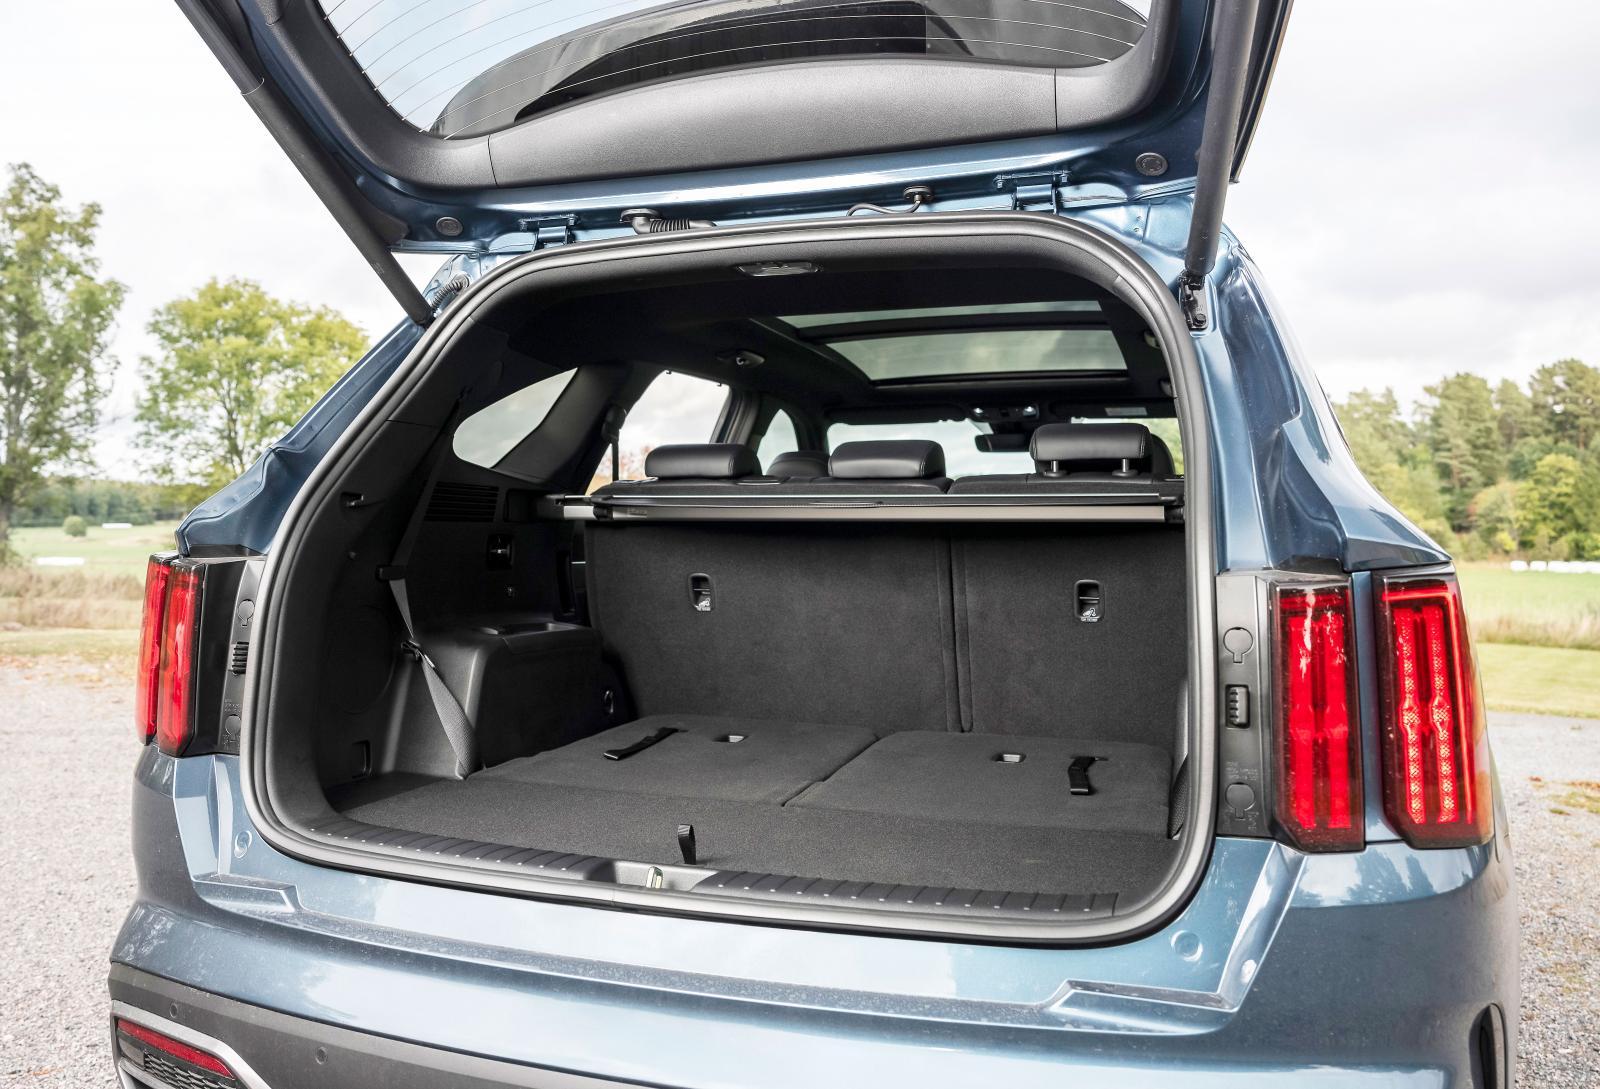 Rejält bagageutrymme trots att hjulhusen tar plats. Insynsskyddet går att stuva under lastgolvet.